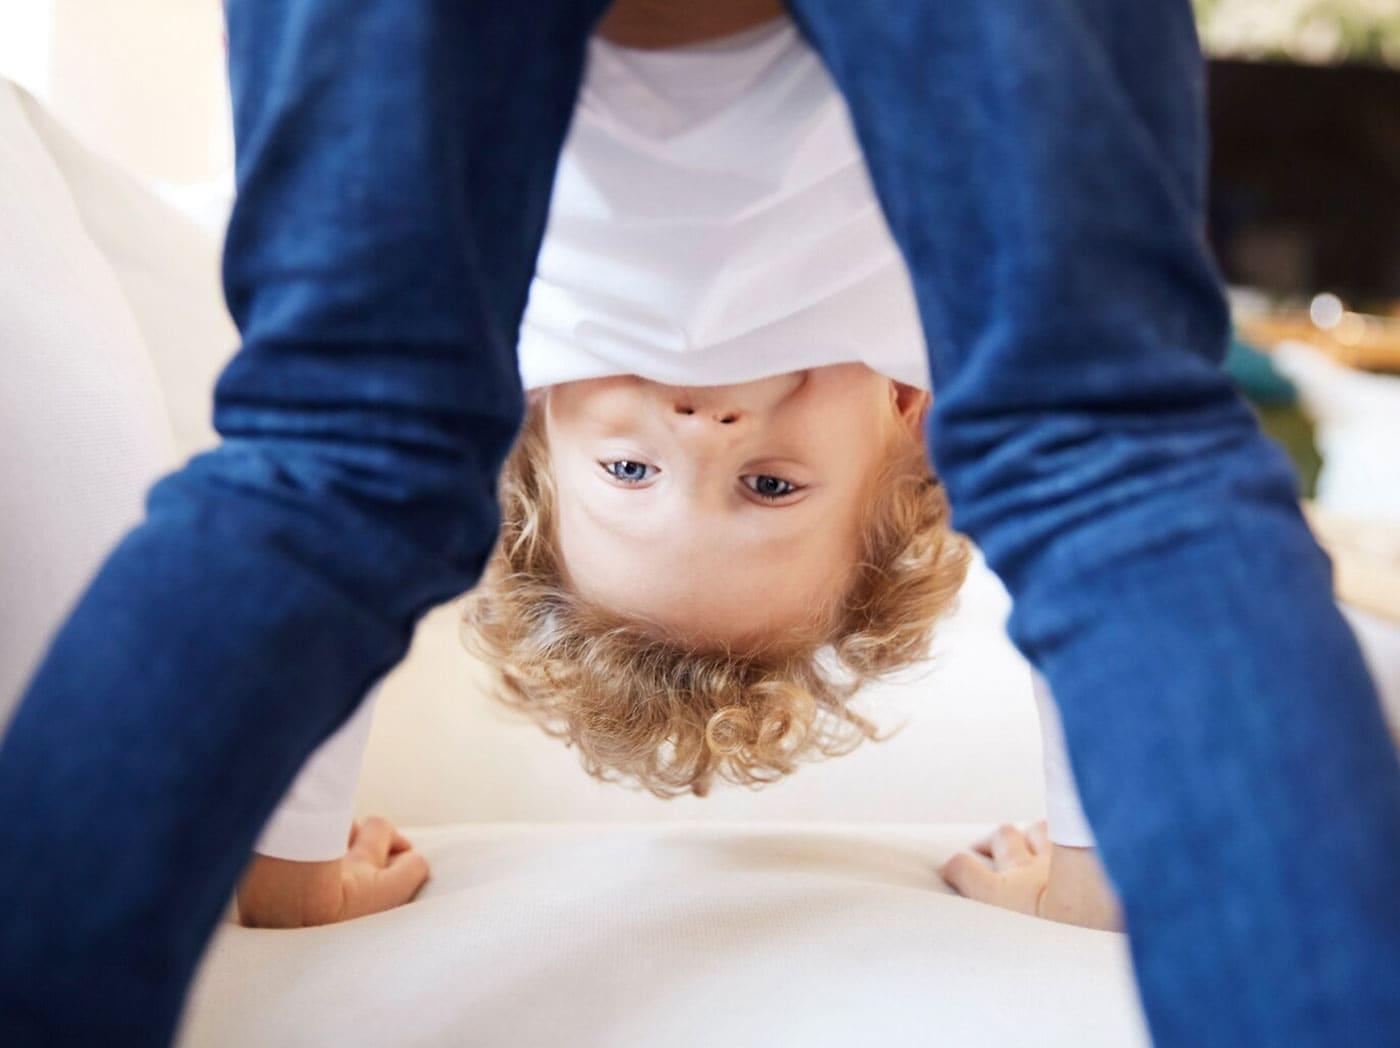 Chlapec stojící na všech čtyřech s hlavou mezi nohama na bílém gauči při hraní, symbolizující bezpečnost výrobků v IKEA.